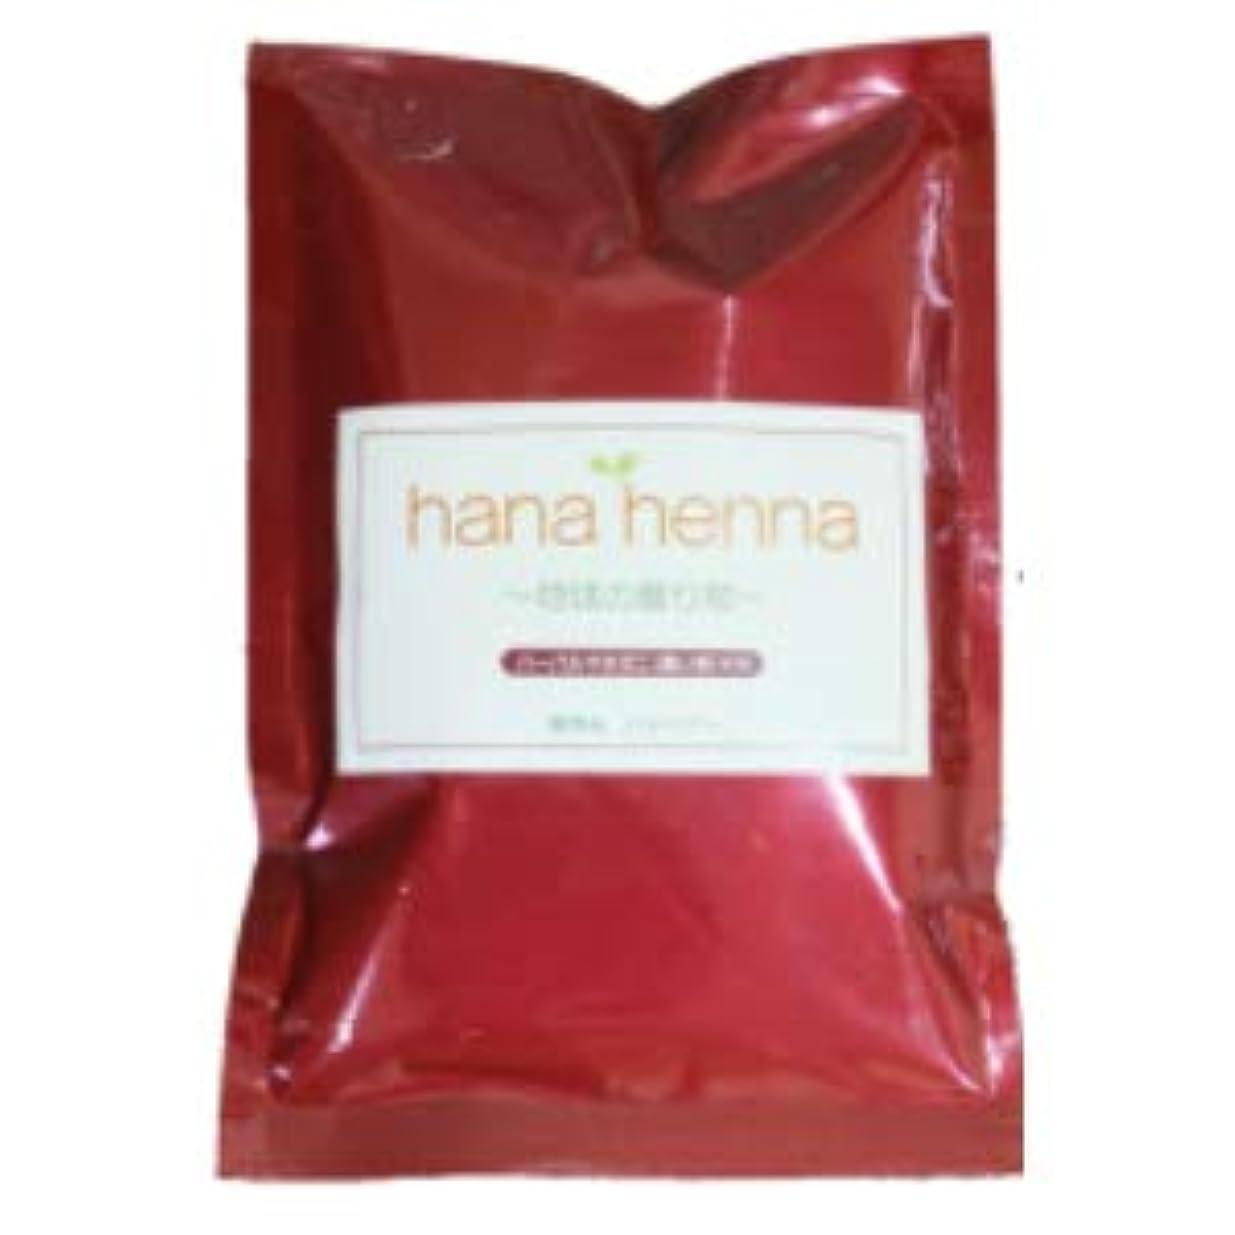 コンチネンタル廃棄する好き?hana henna?ハナヘナ ハーバルマホガニー(濃い茶) (100g)